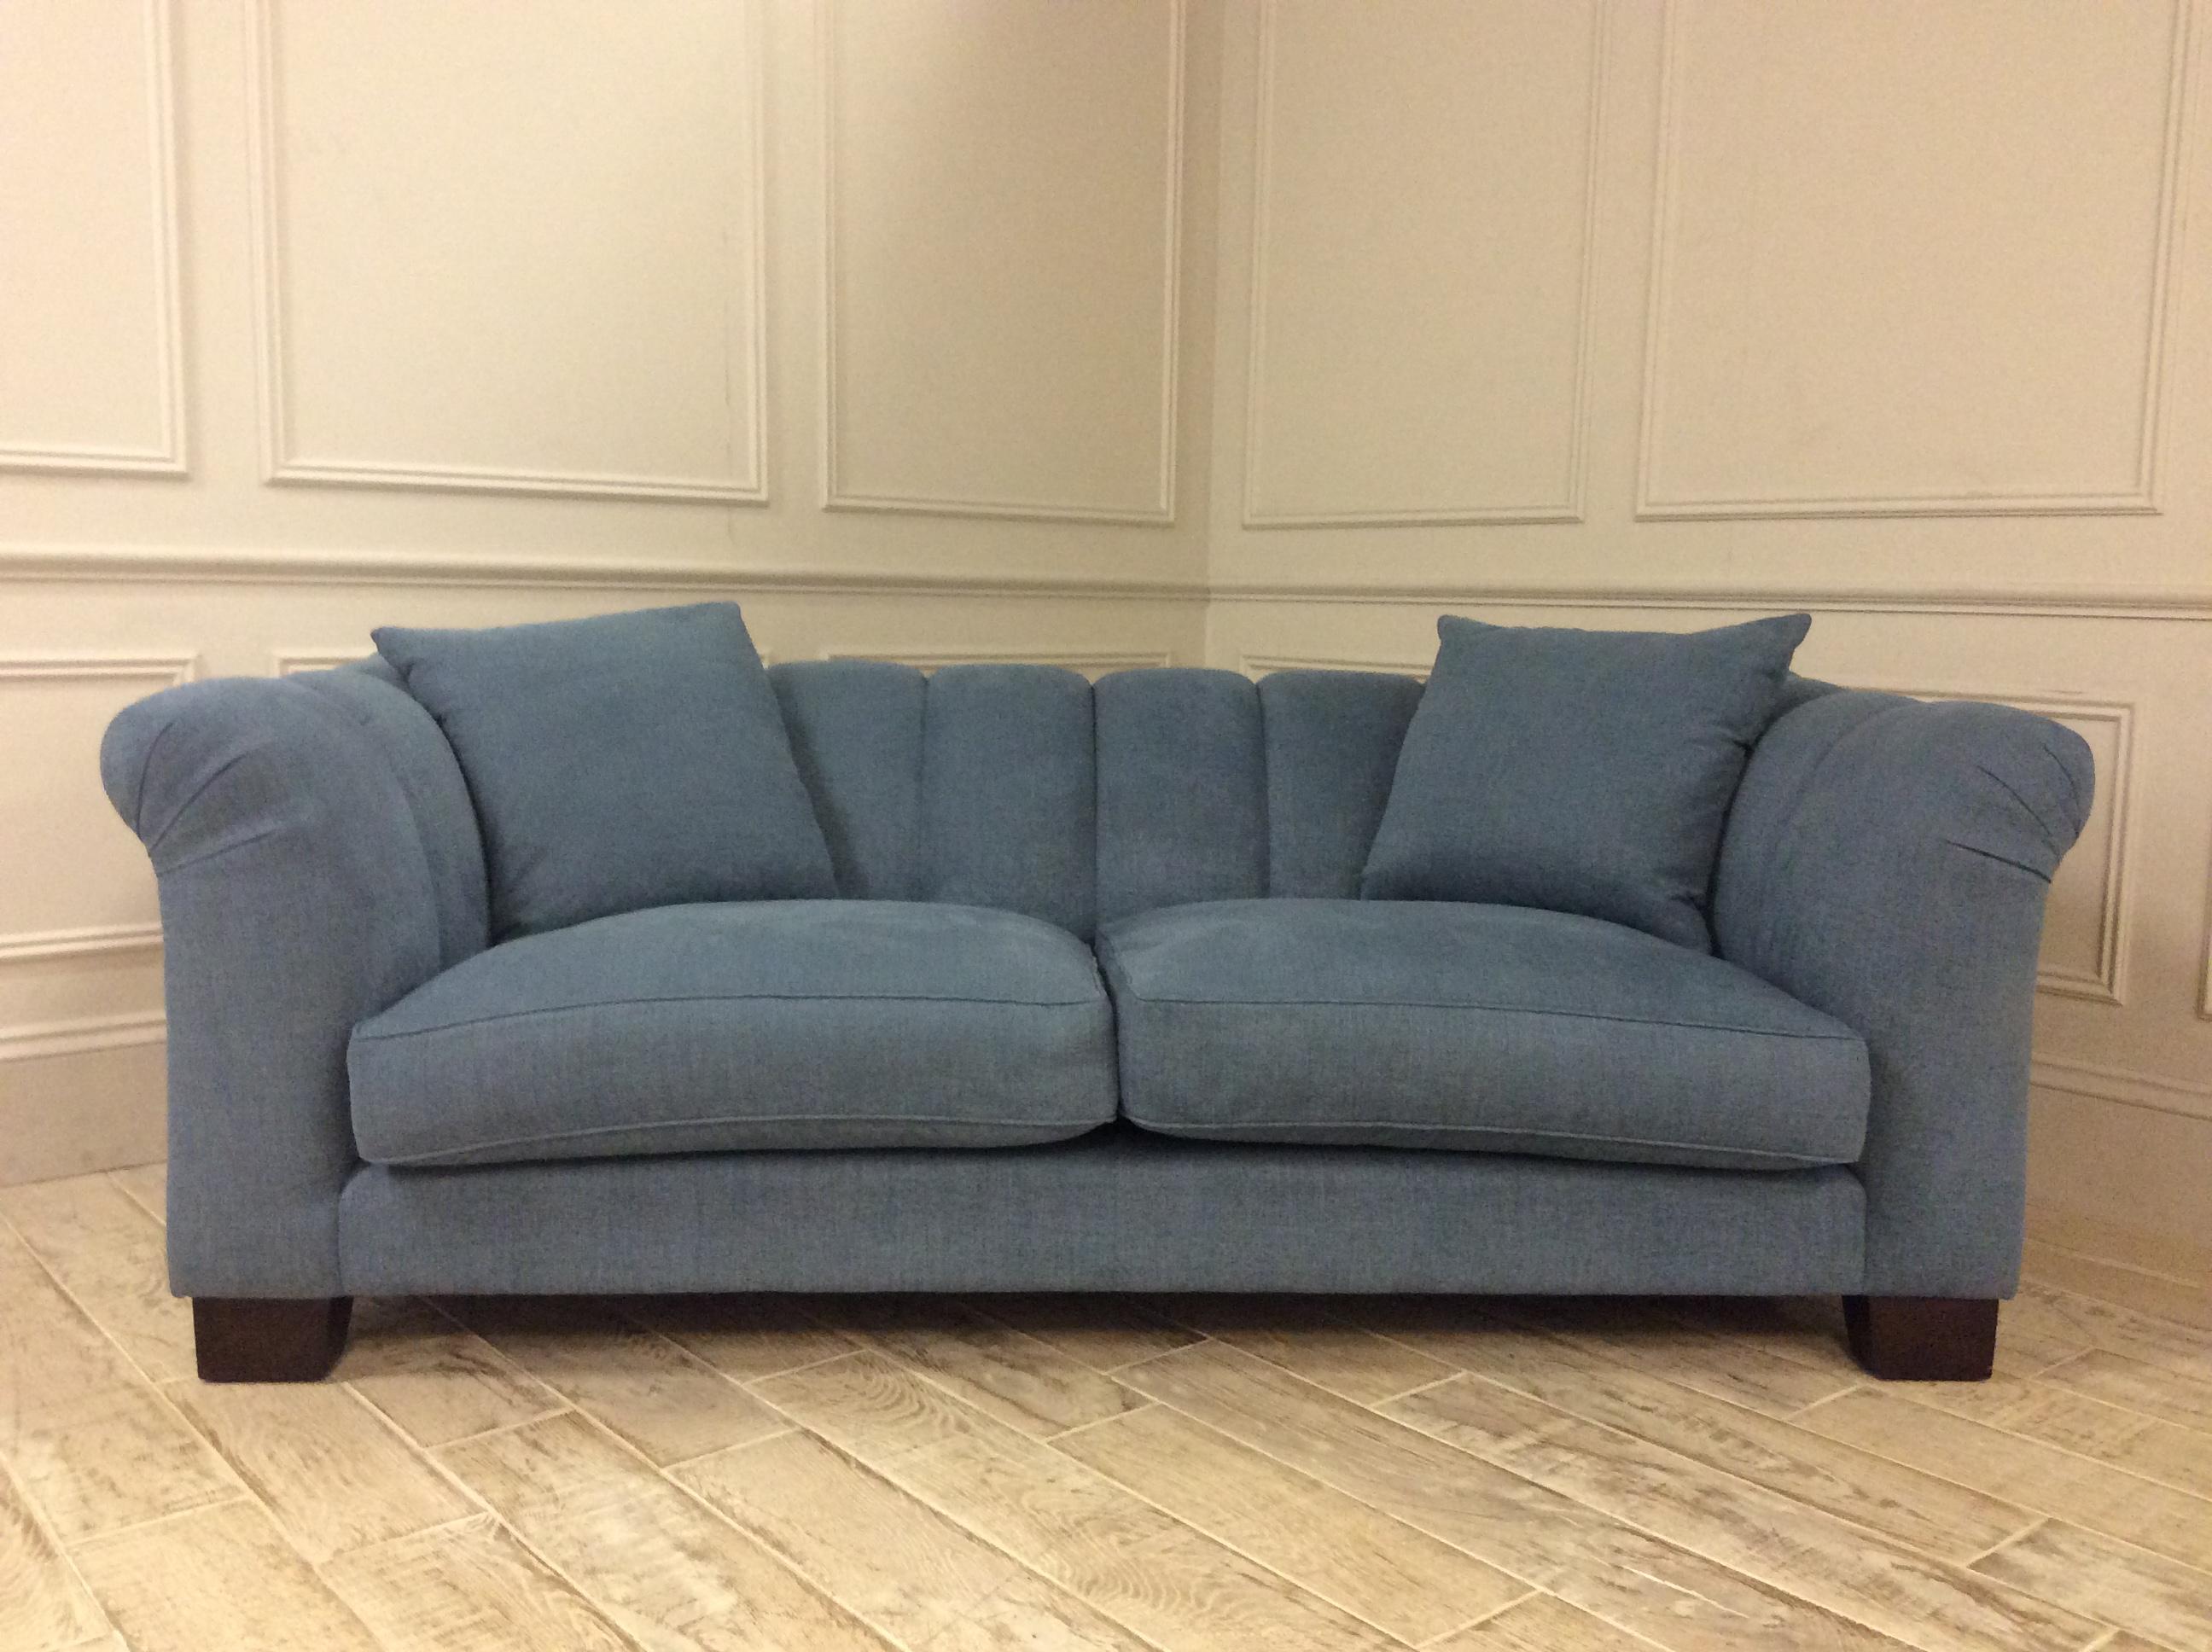 Rockingham Large Sofa in  Denim